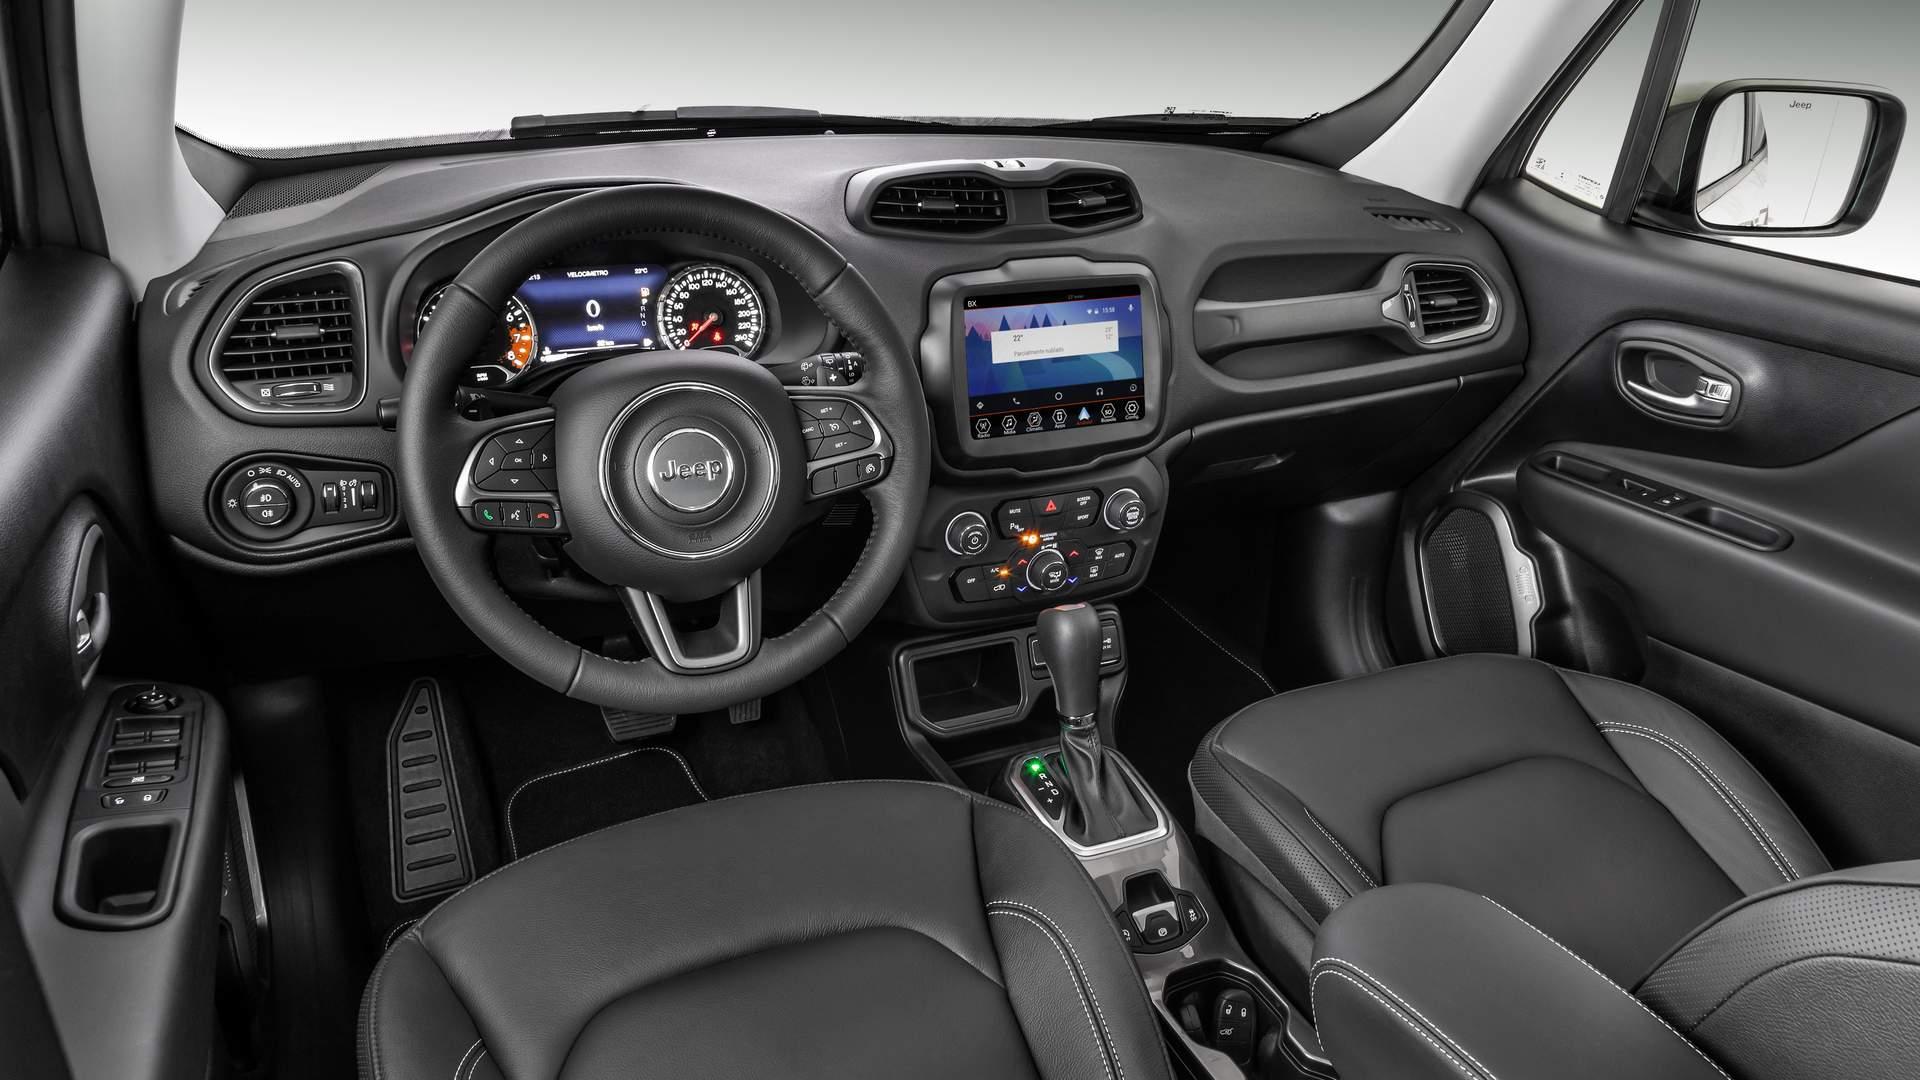 Jeep Renegade 2019 - Pagina 34 - Jeep - Autopareri